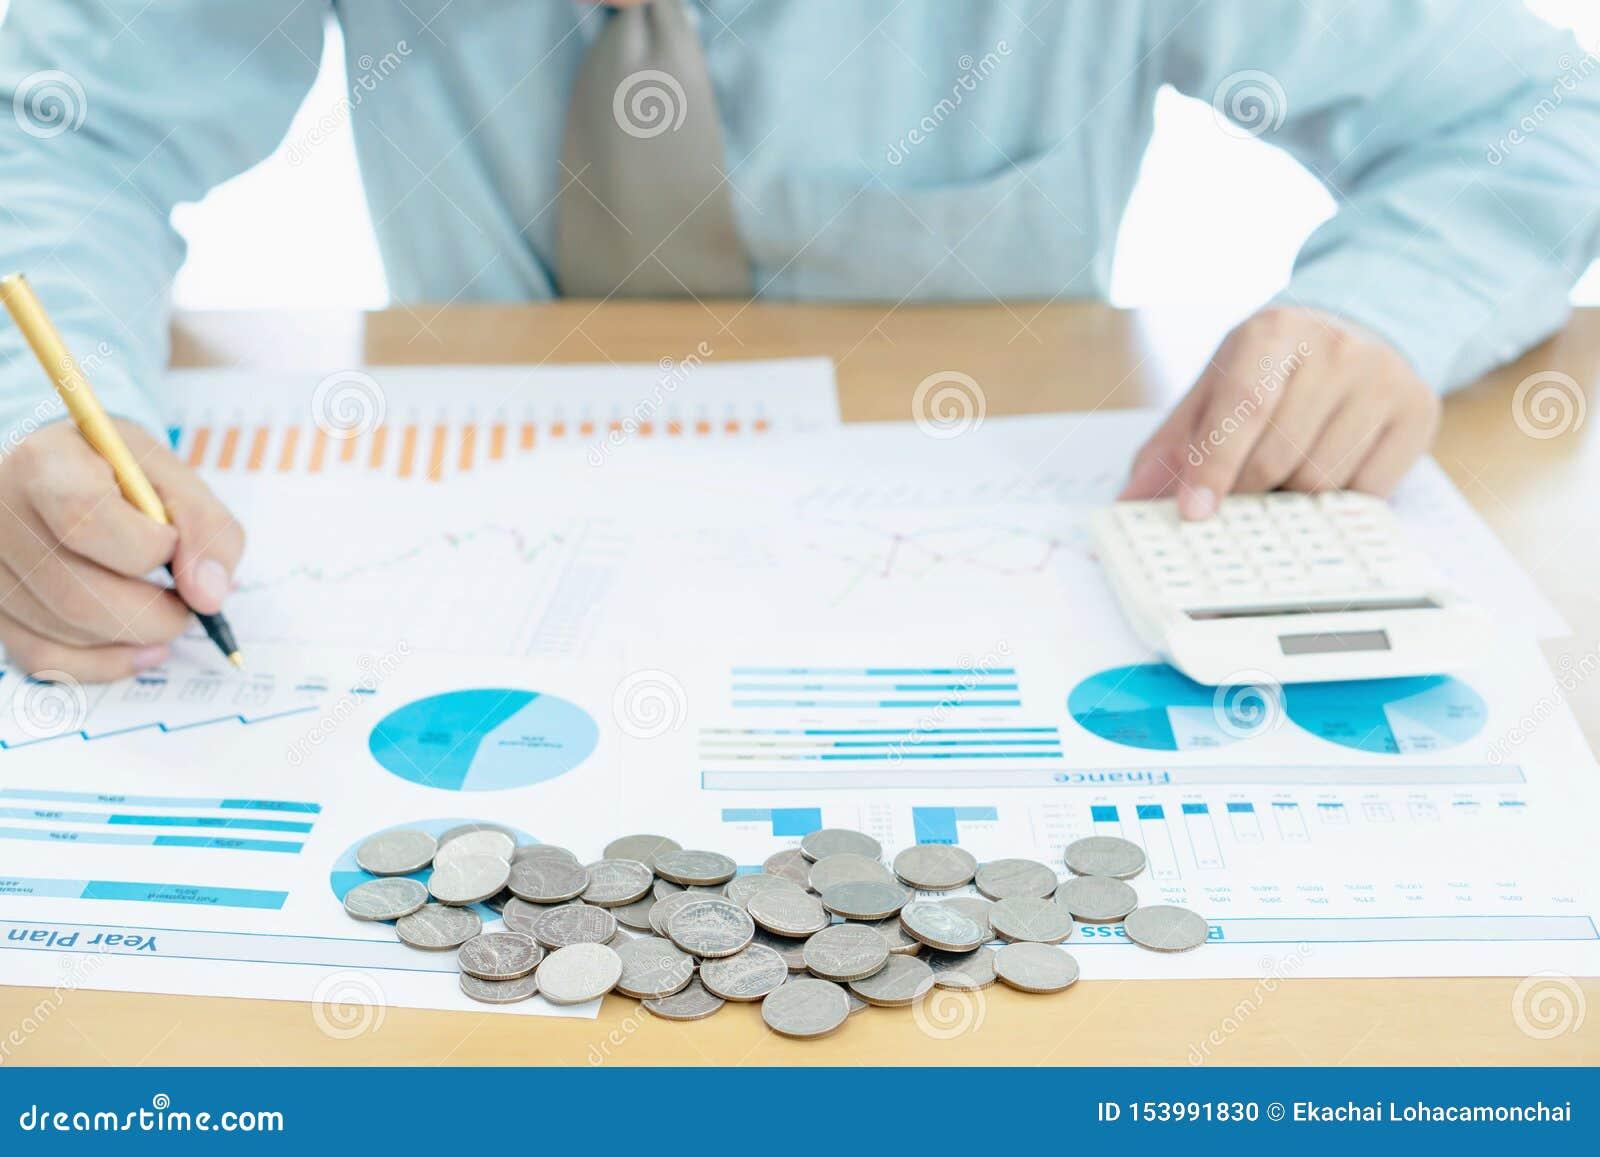 La mano del hombre de negocios usando la calculadora y los informes documentan la fabricación de cuenta financiera